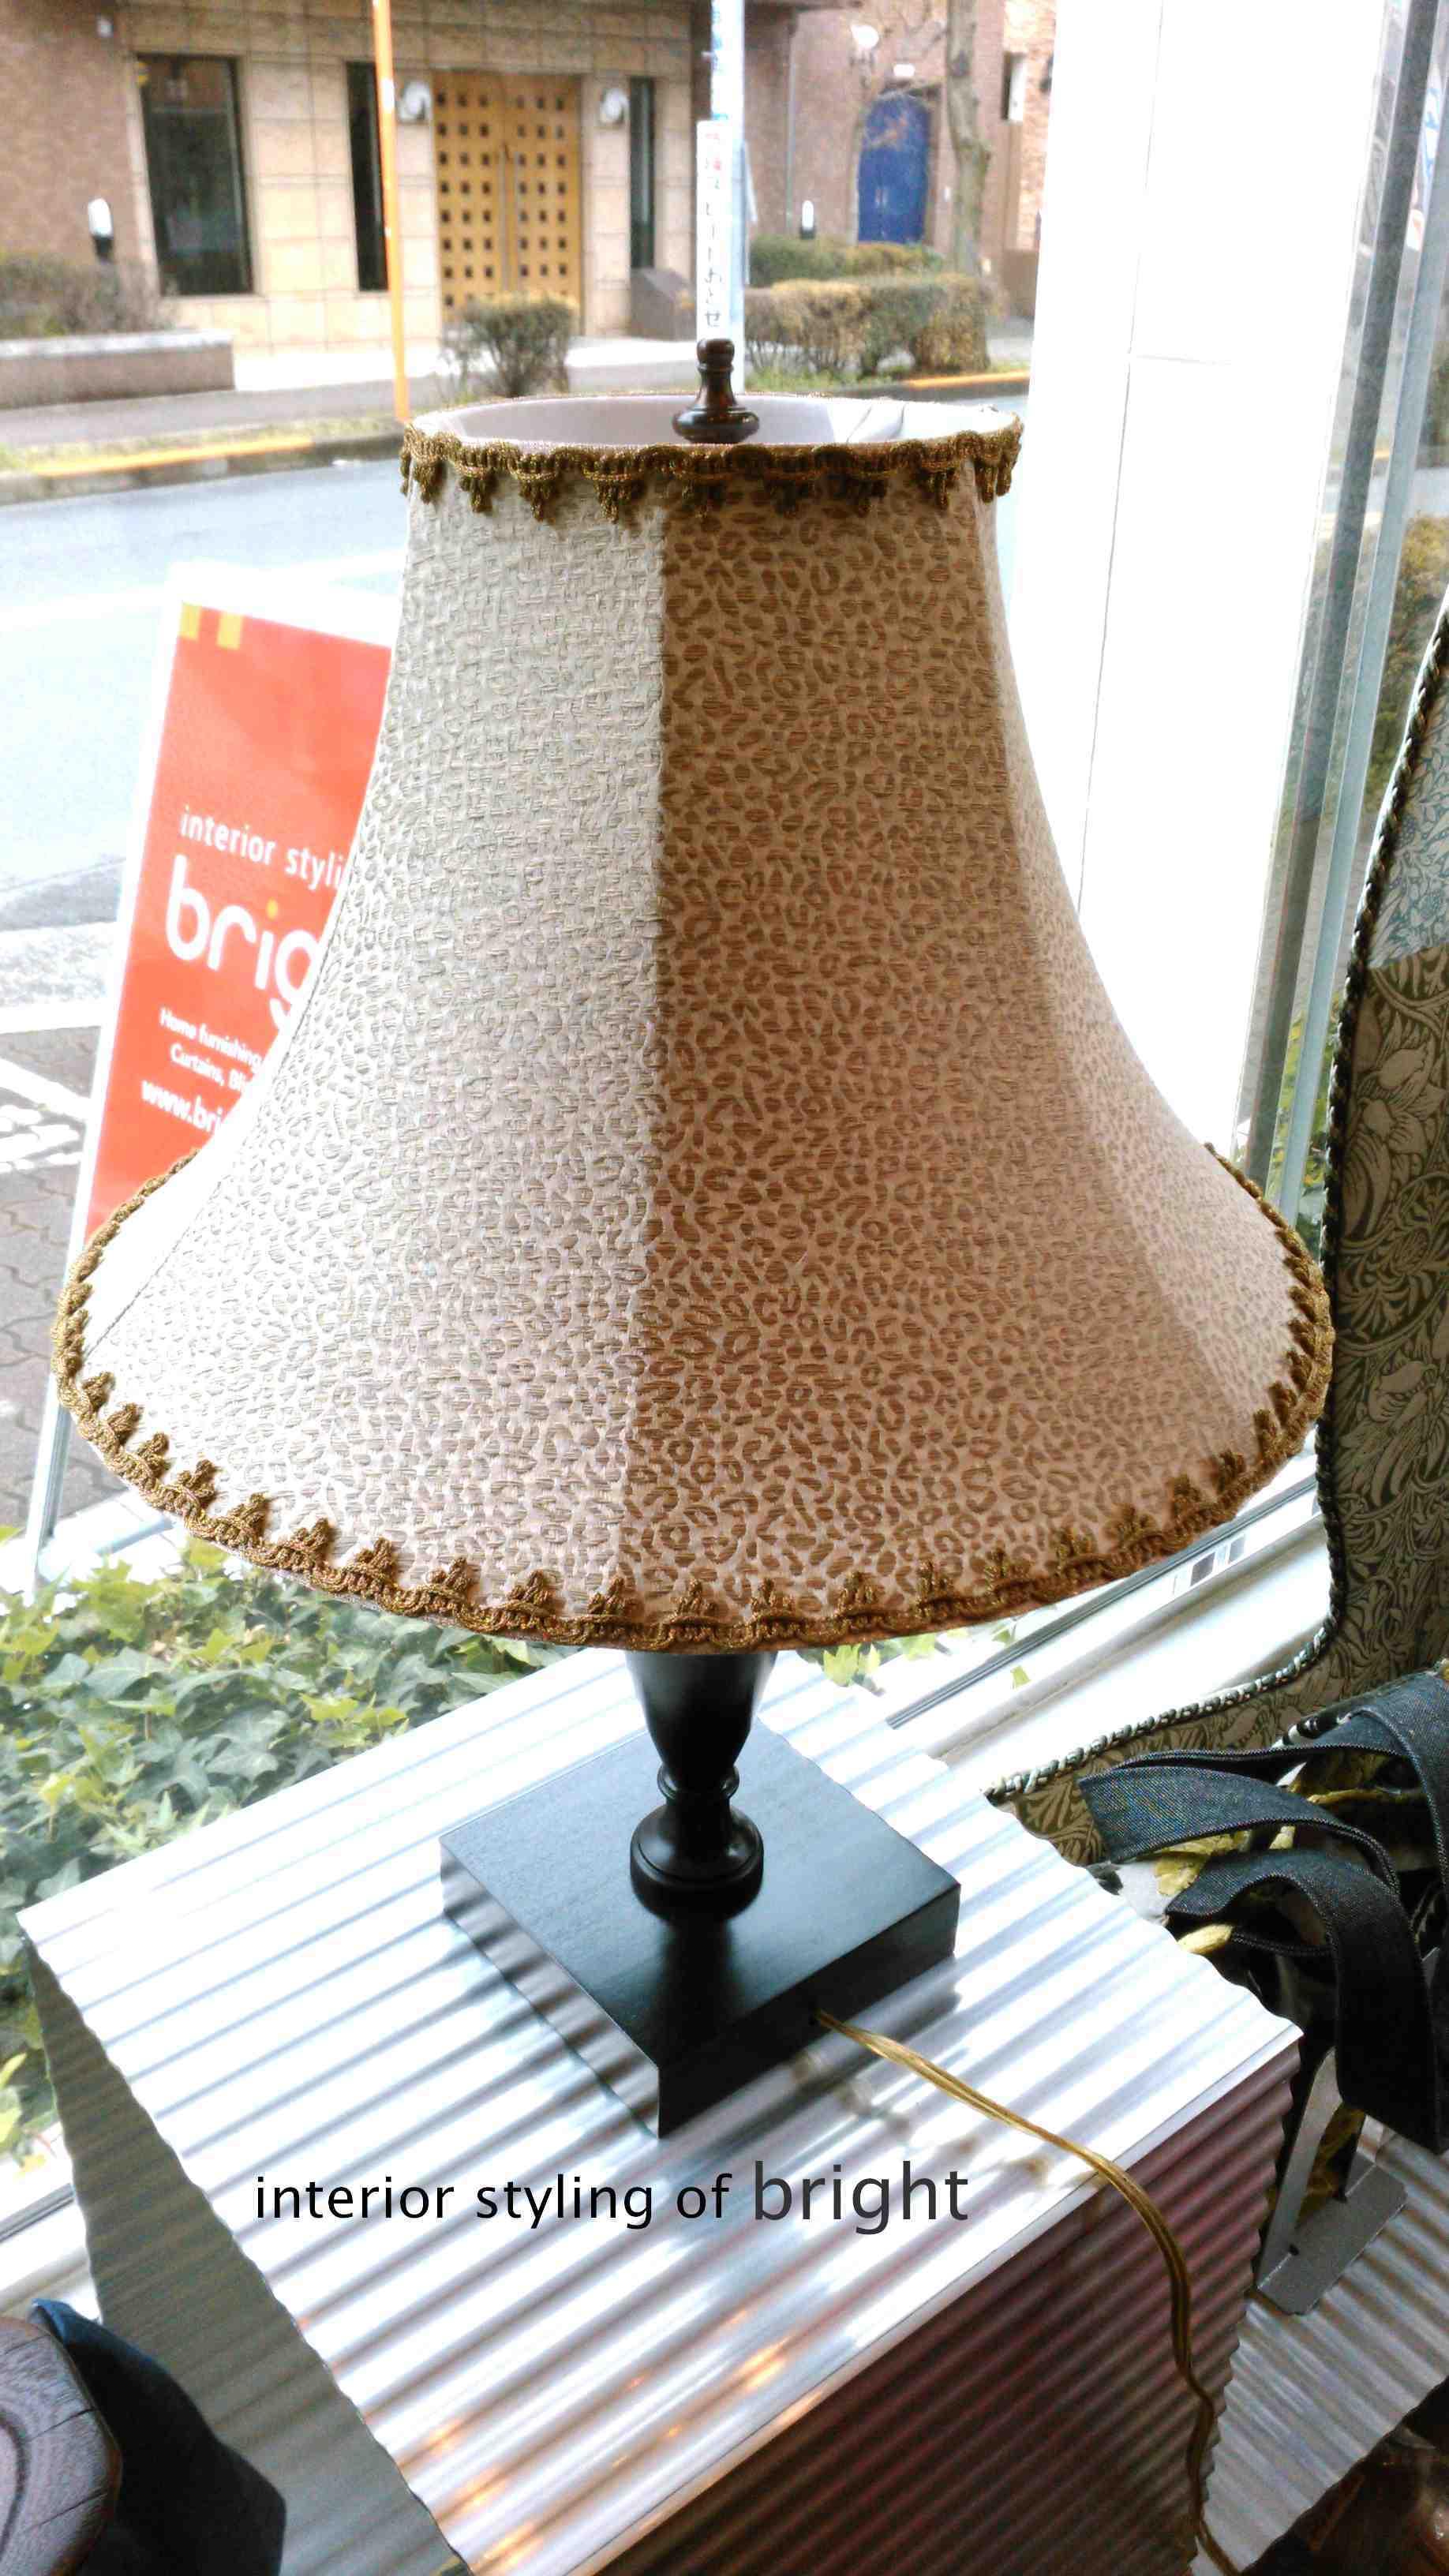 ヒョウ柄の生地でランプシェードを張り替える_c0157866_16360595.jpg